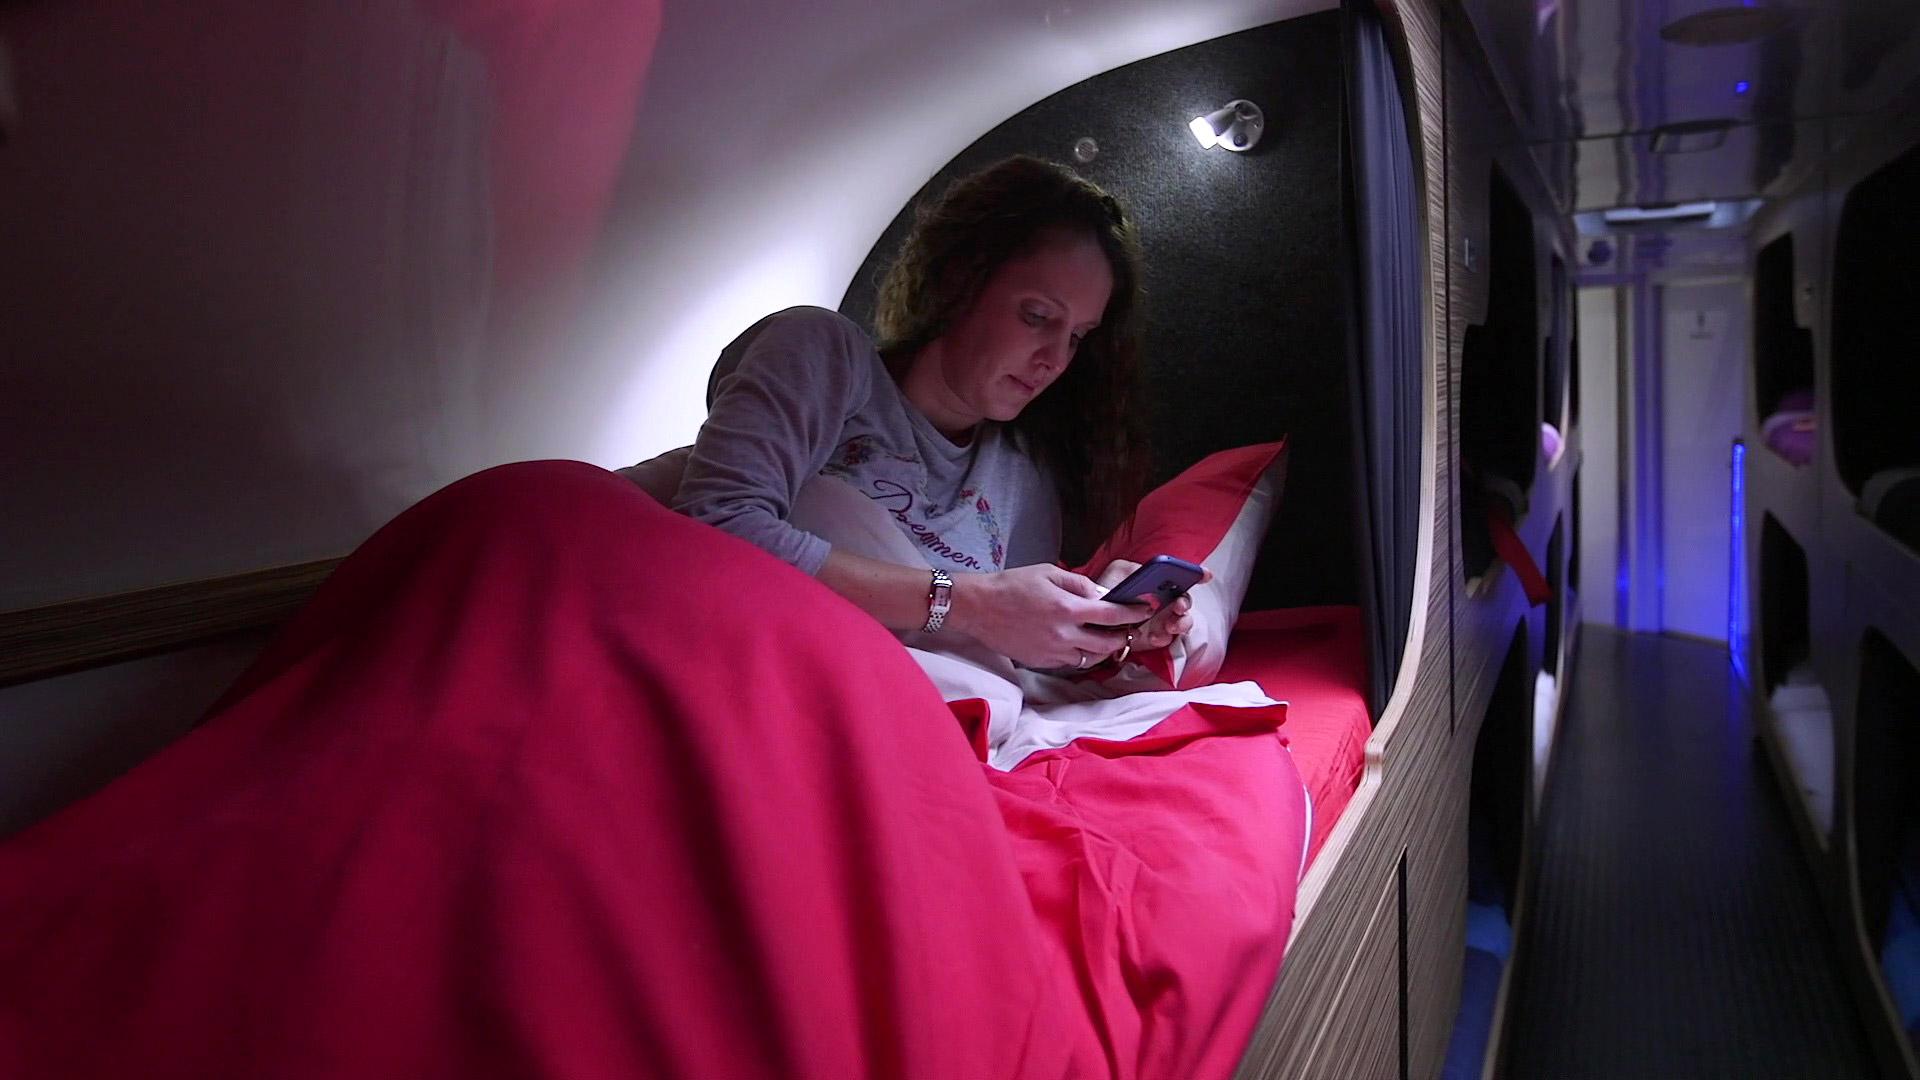 Bedroam-in-bed.jpg